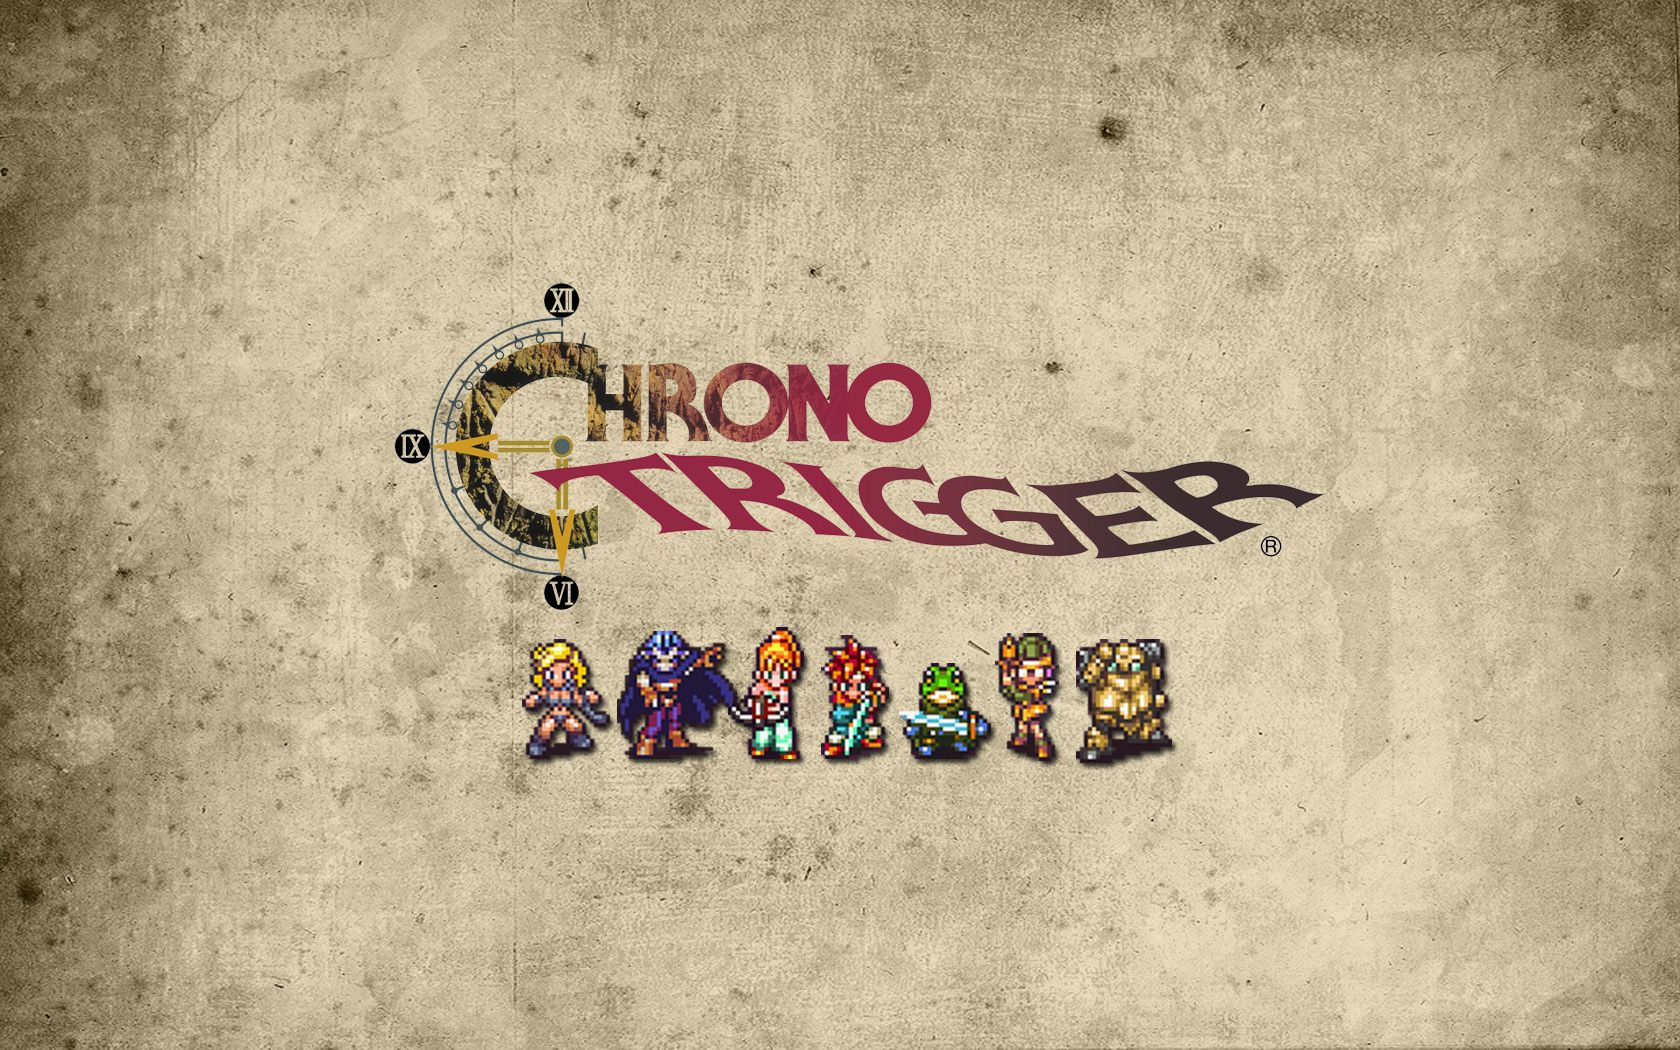 Chrono Trigger Wallpaper Chrono Trigger Chrono Let It Be